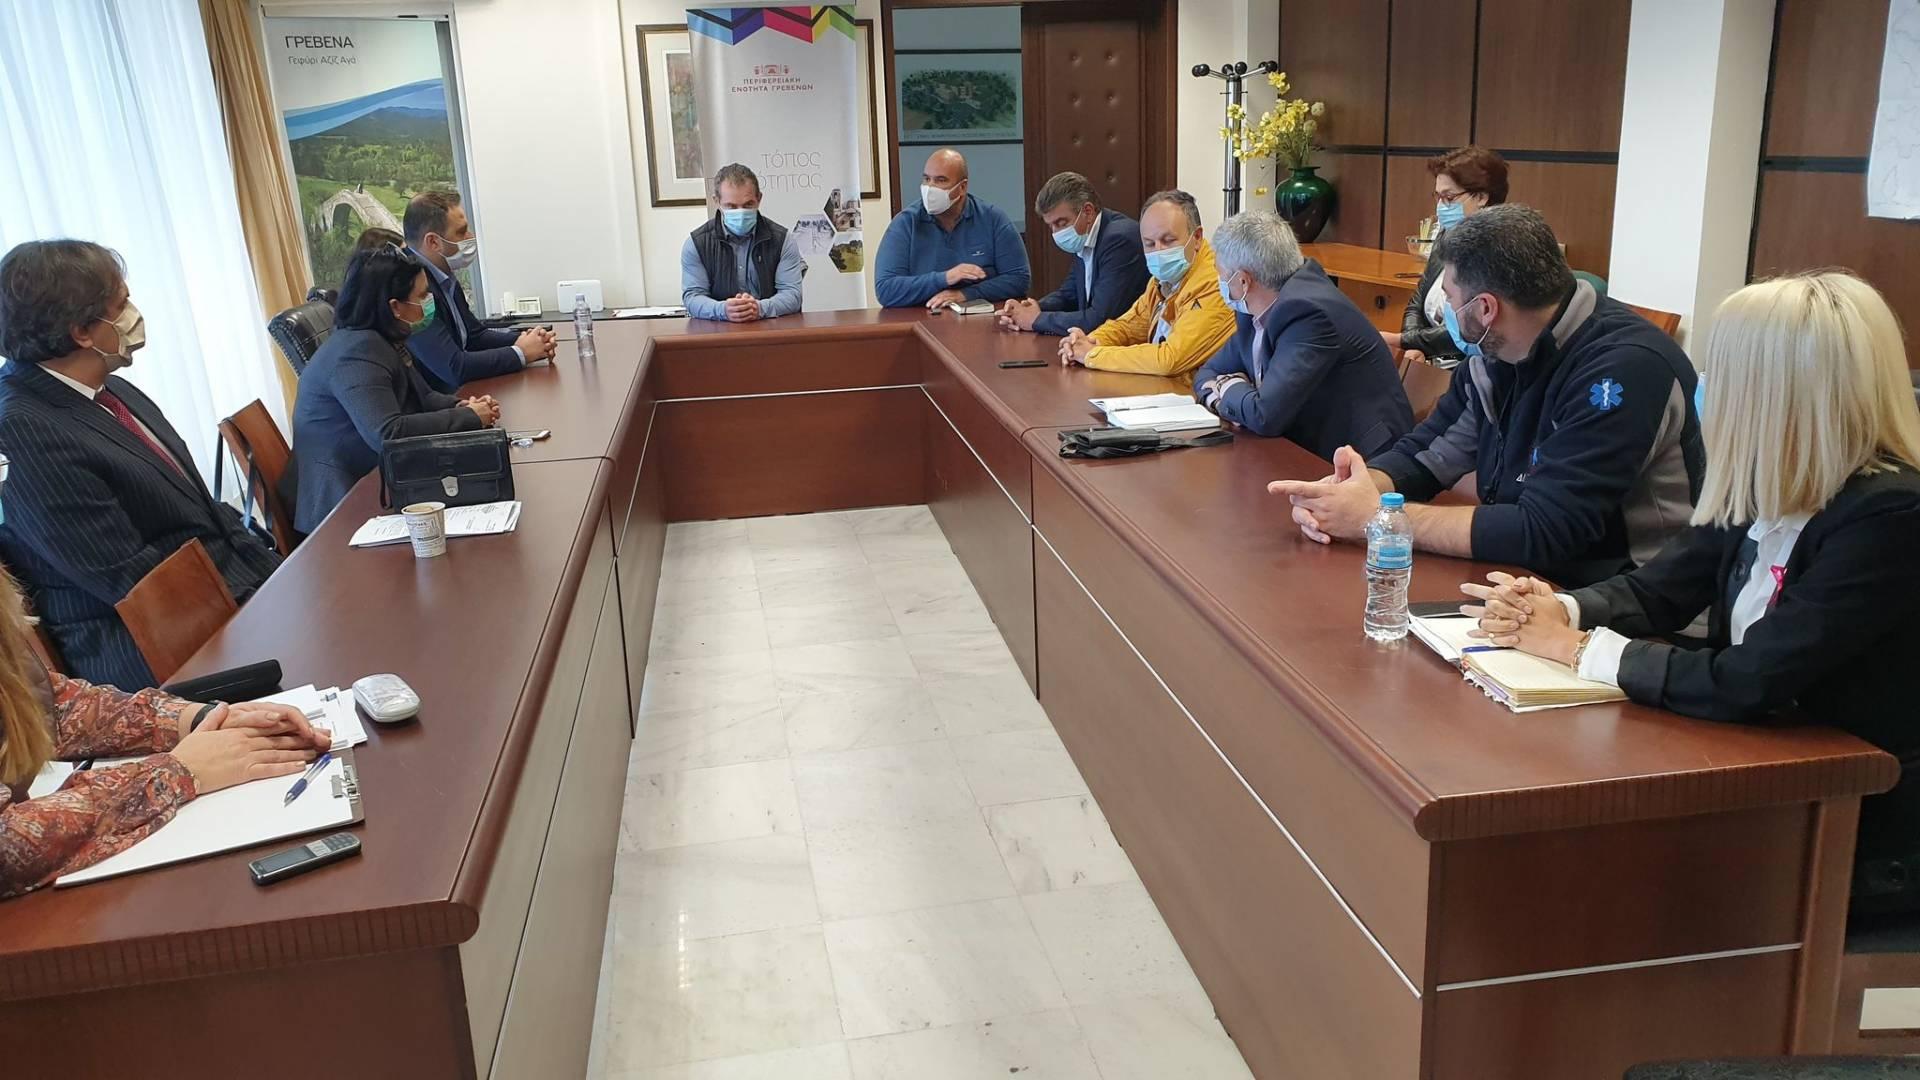 Σύσκεψη με θέμα τη διαχείριση των κρουσμάτων ιού Covid-19 στην Περιφερειακή Ενότητα Γρεβενών